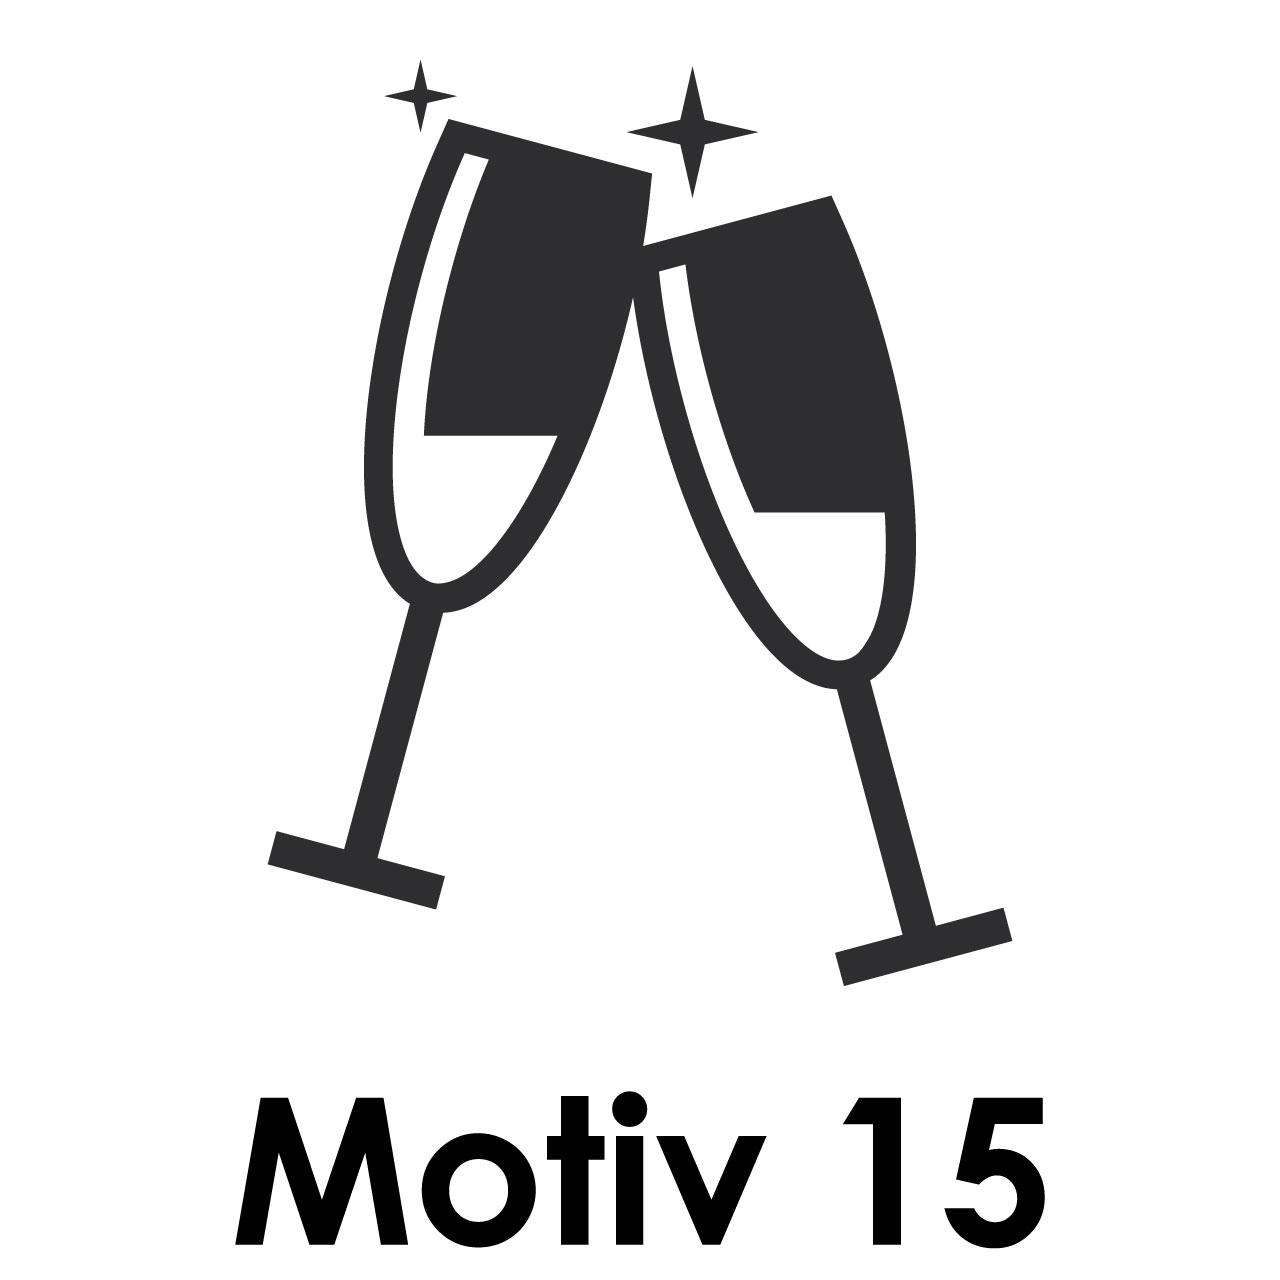 Motiv15